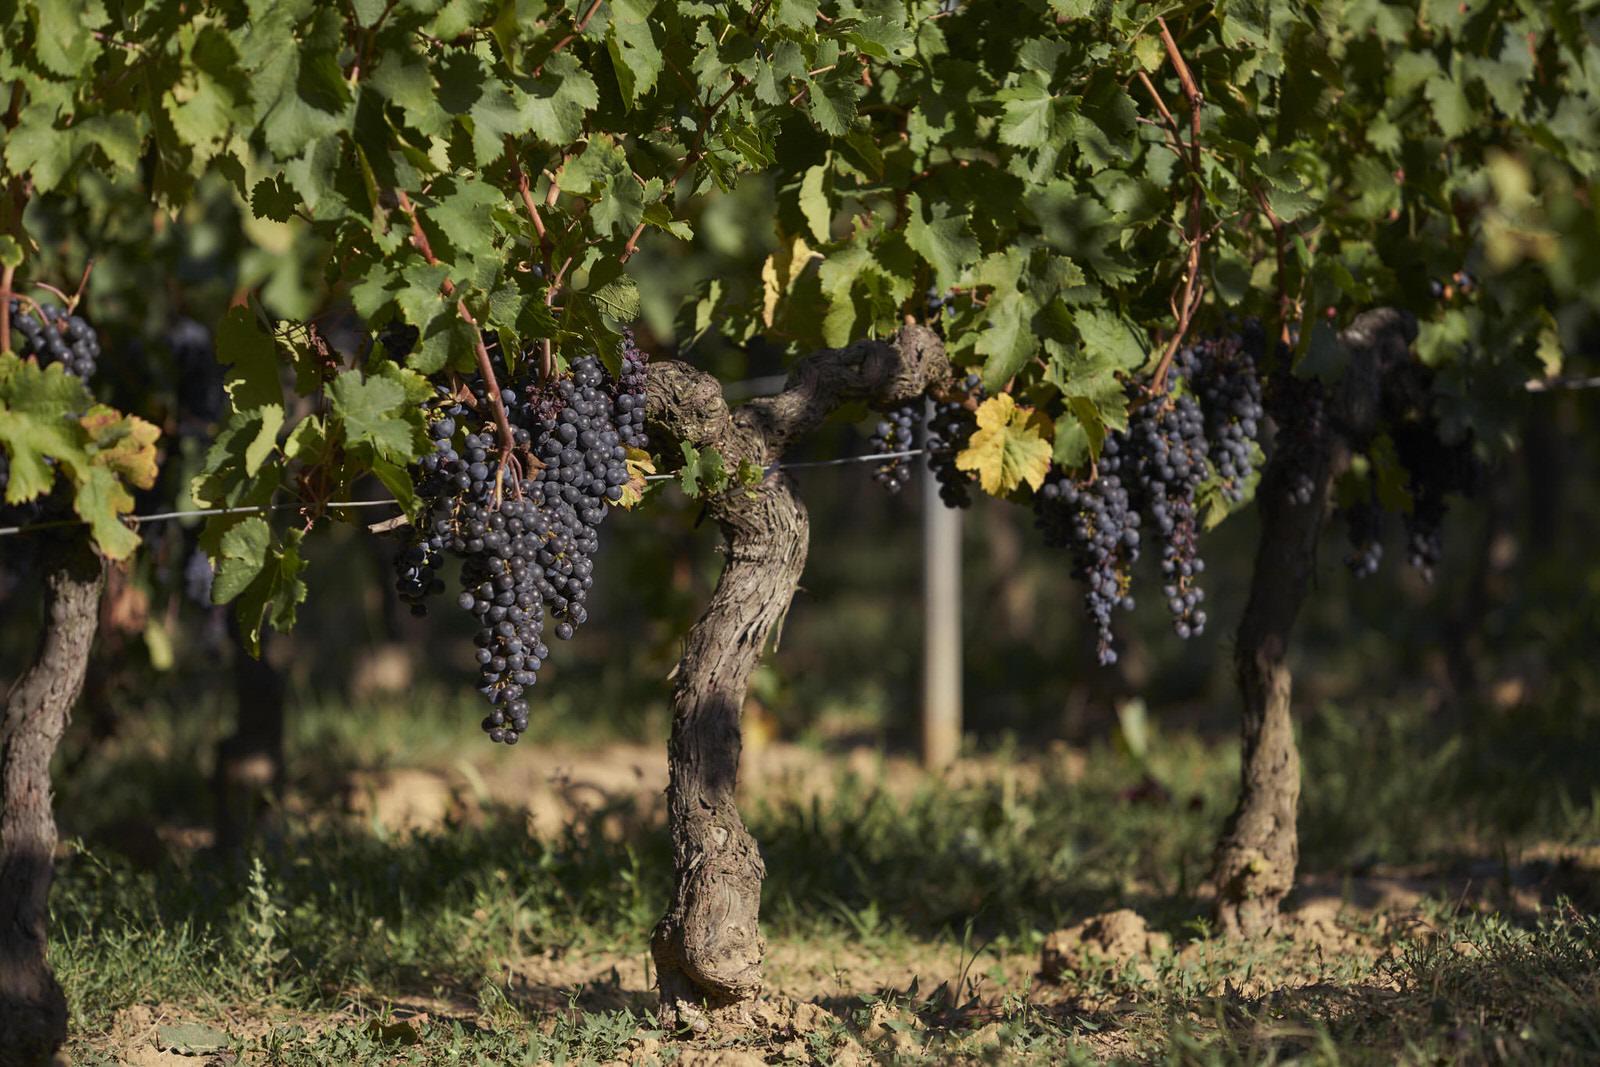 Reportage photo - Domaine viticole 4